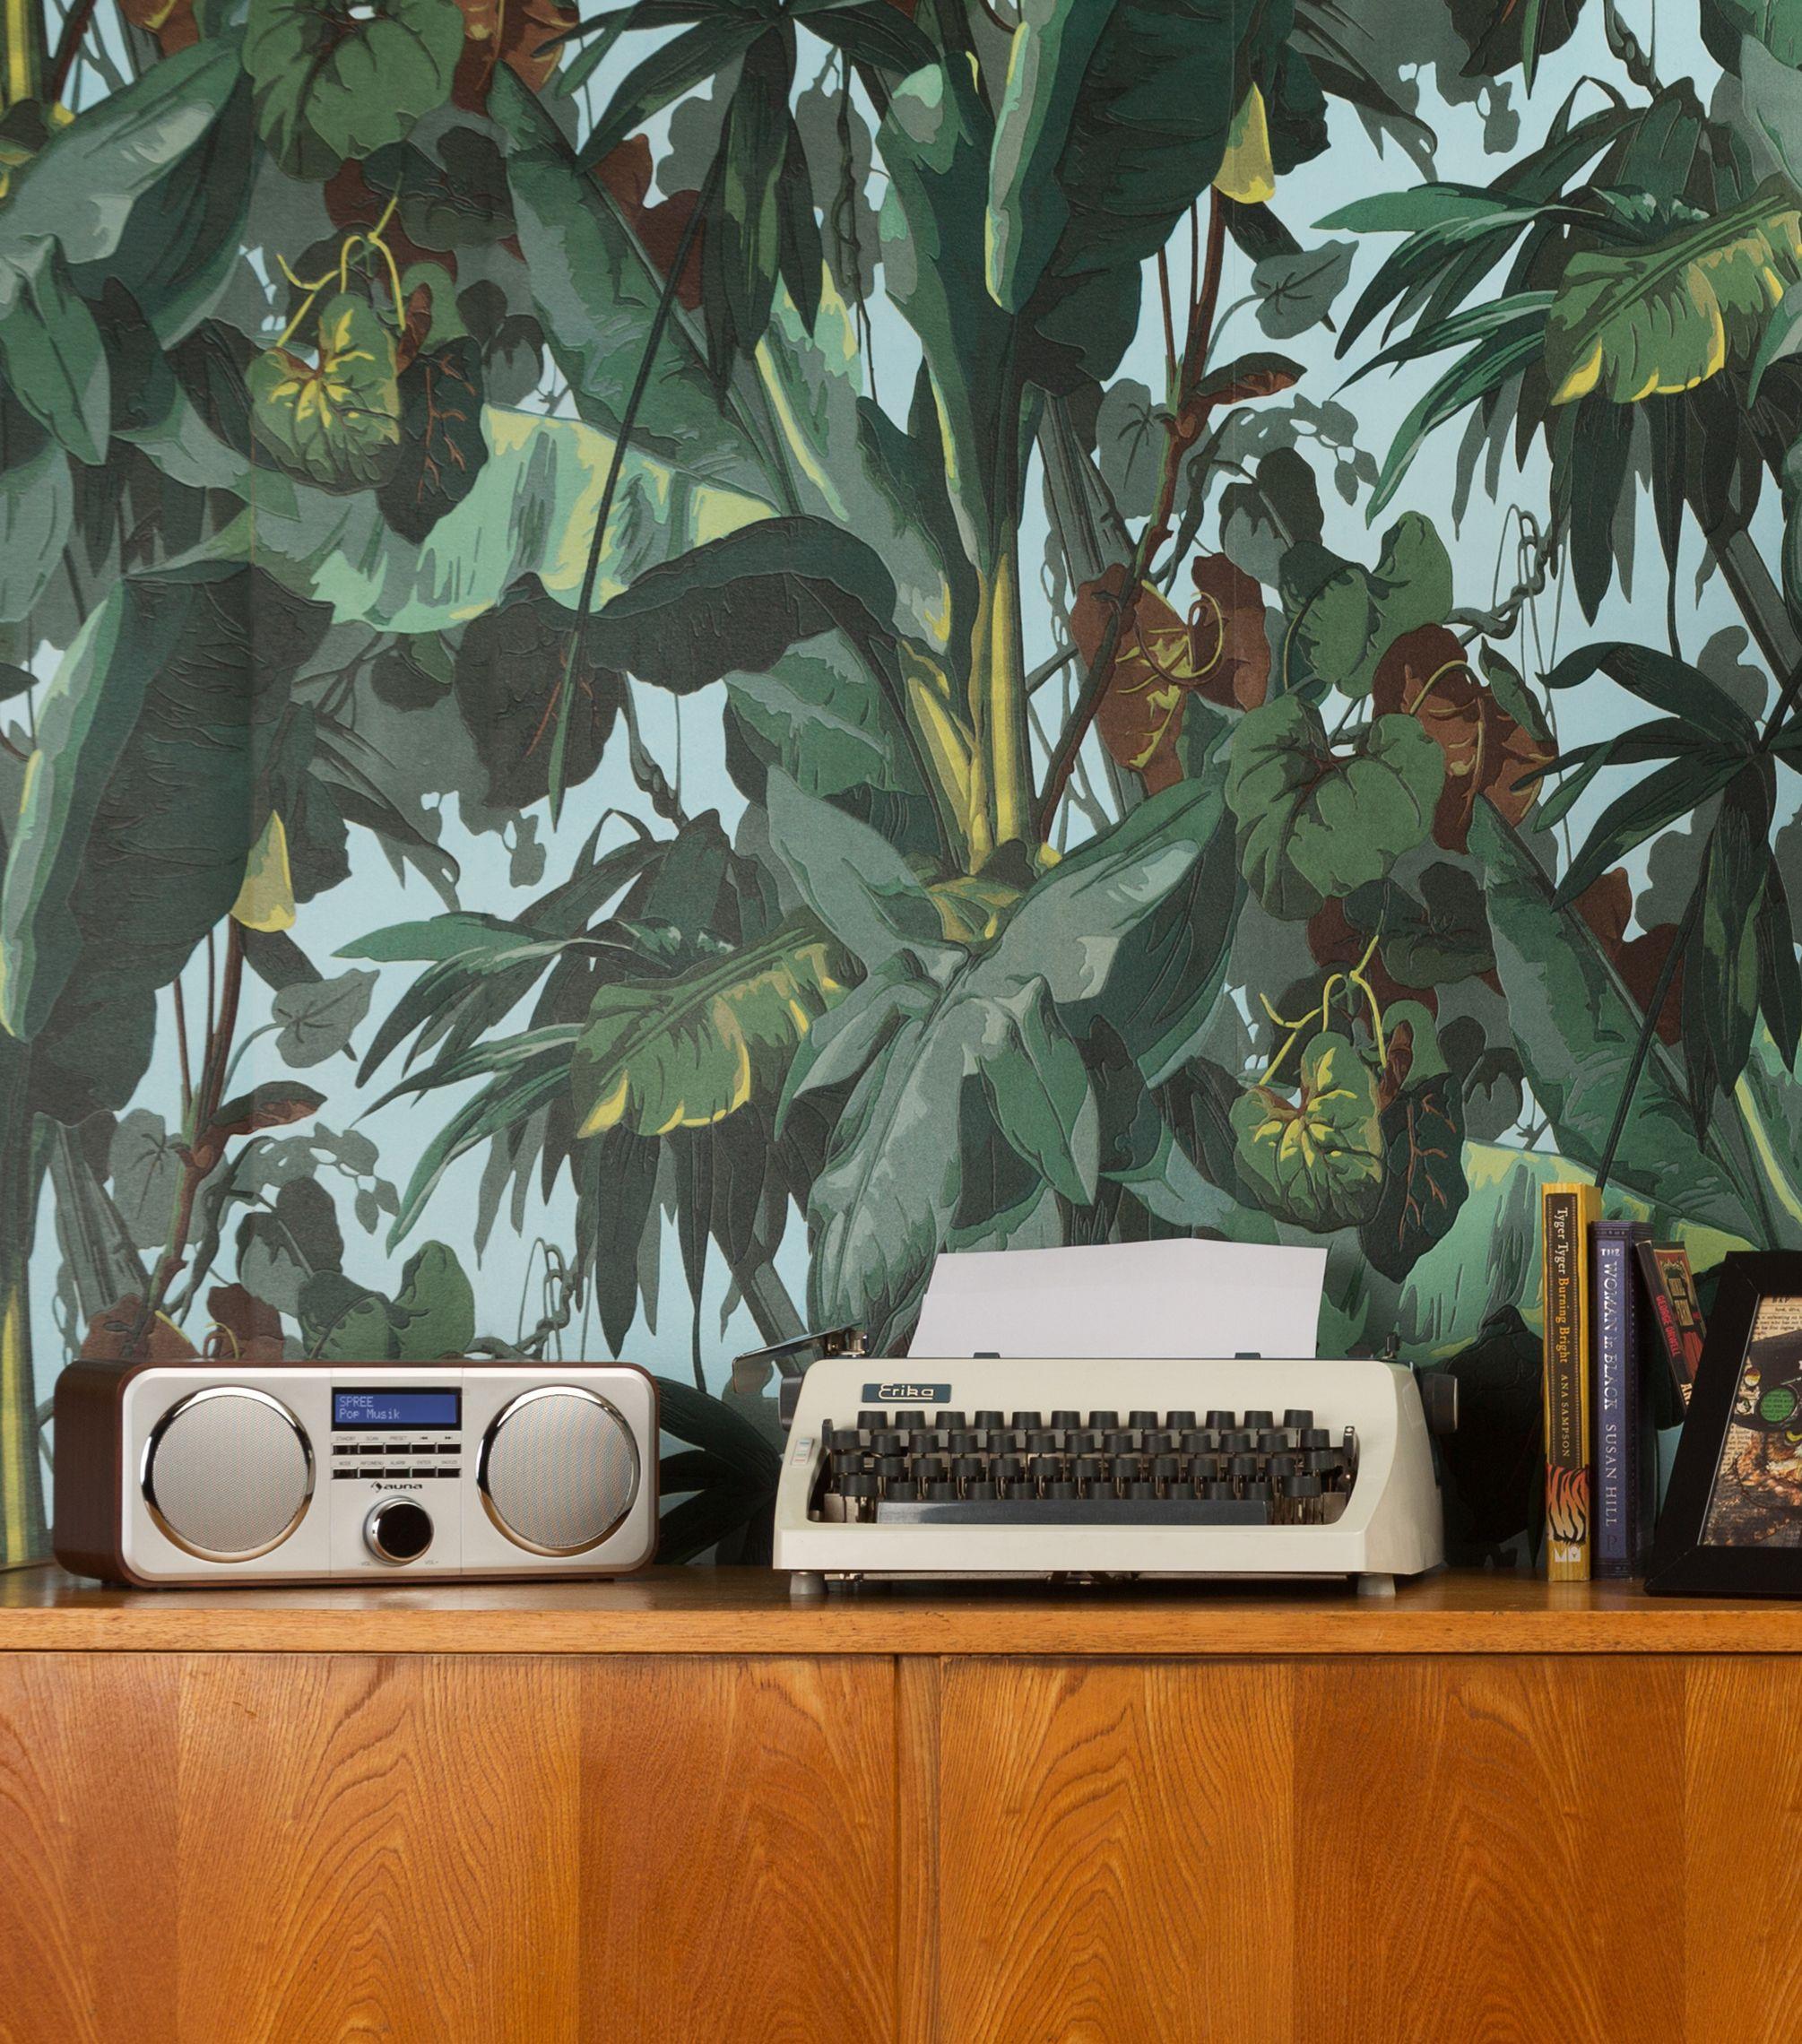 Retro trifft Moderne. Das Georgia DAB-Radio von auna eignet sich ideal als nostalgischer Blickfang, egal ob in einem modernen oder traditionell eingerichtetem Wohnzimmer.